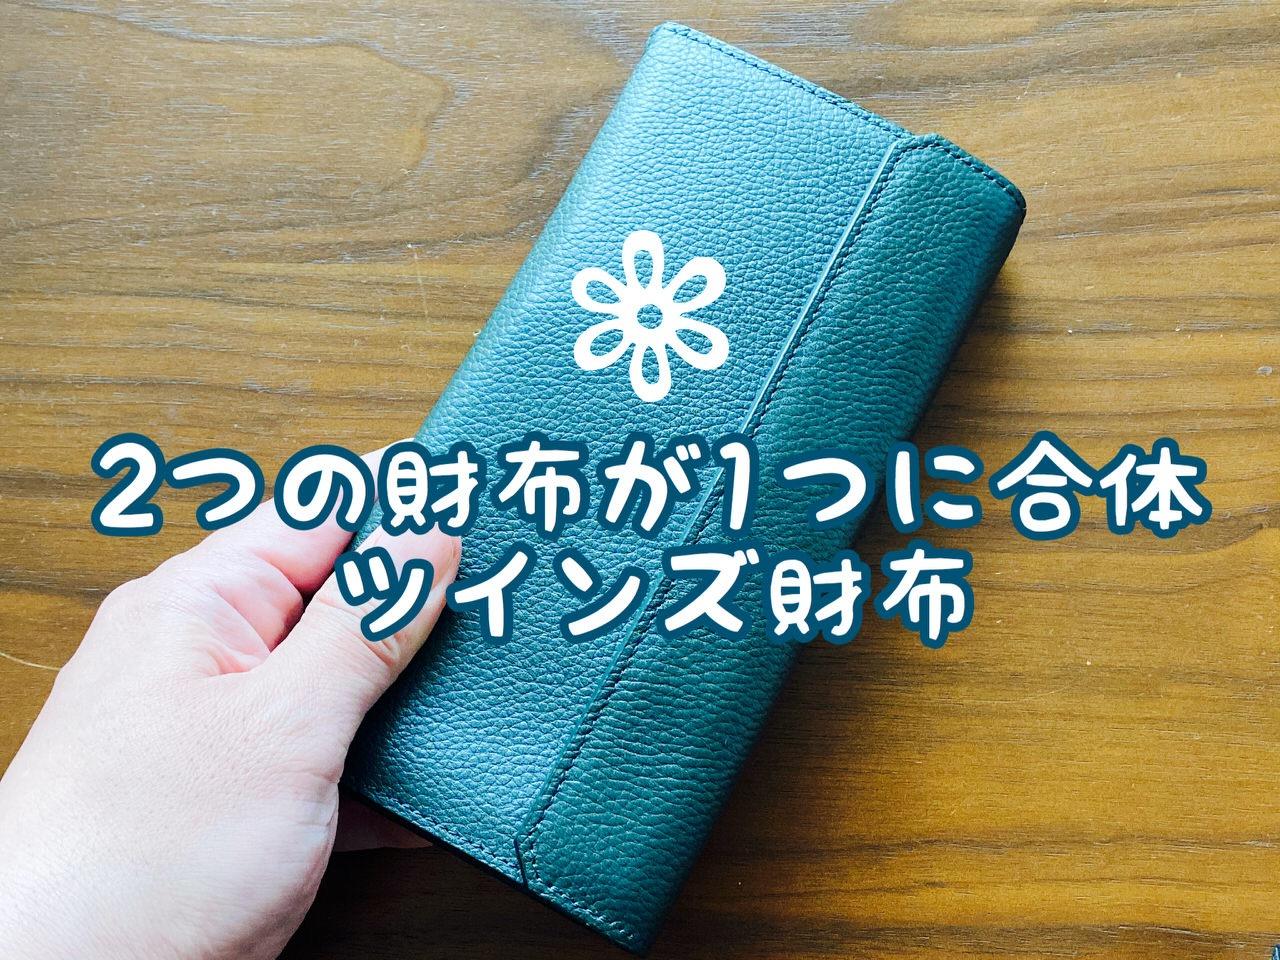 まさか長財布を便利に使う日が来ようとは‥‥2つの財布が1つになった「ツインズ財布」の使い勝手に唸る #提供